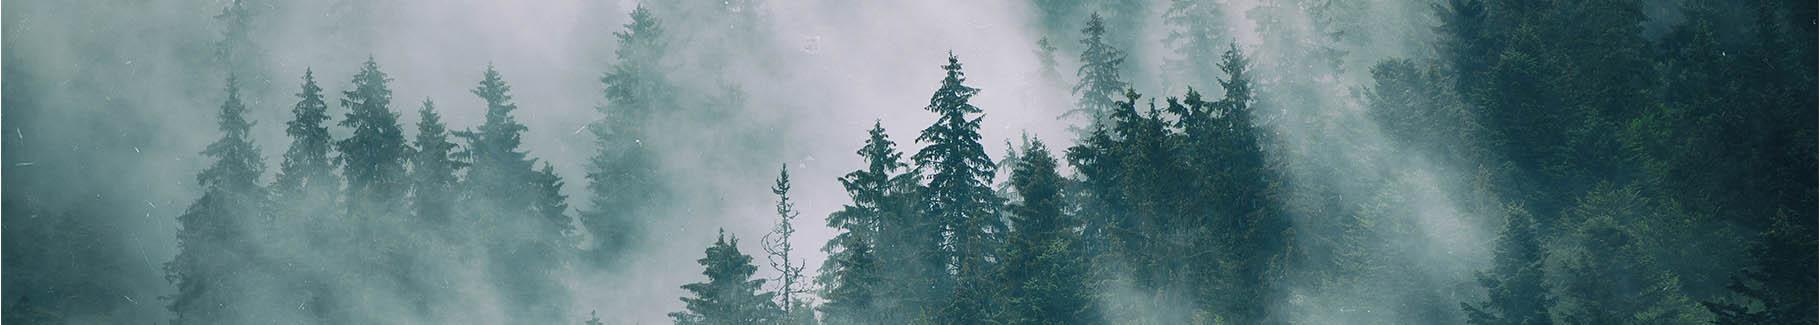 Drzewa w mglistym lesie